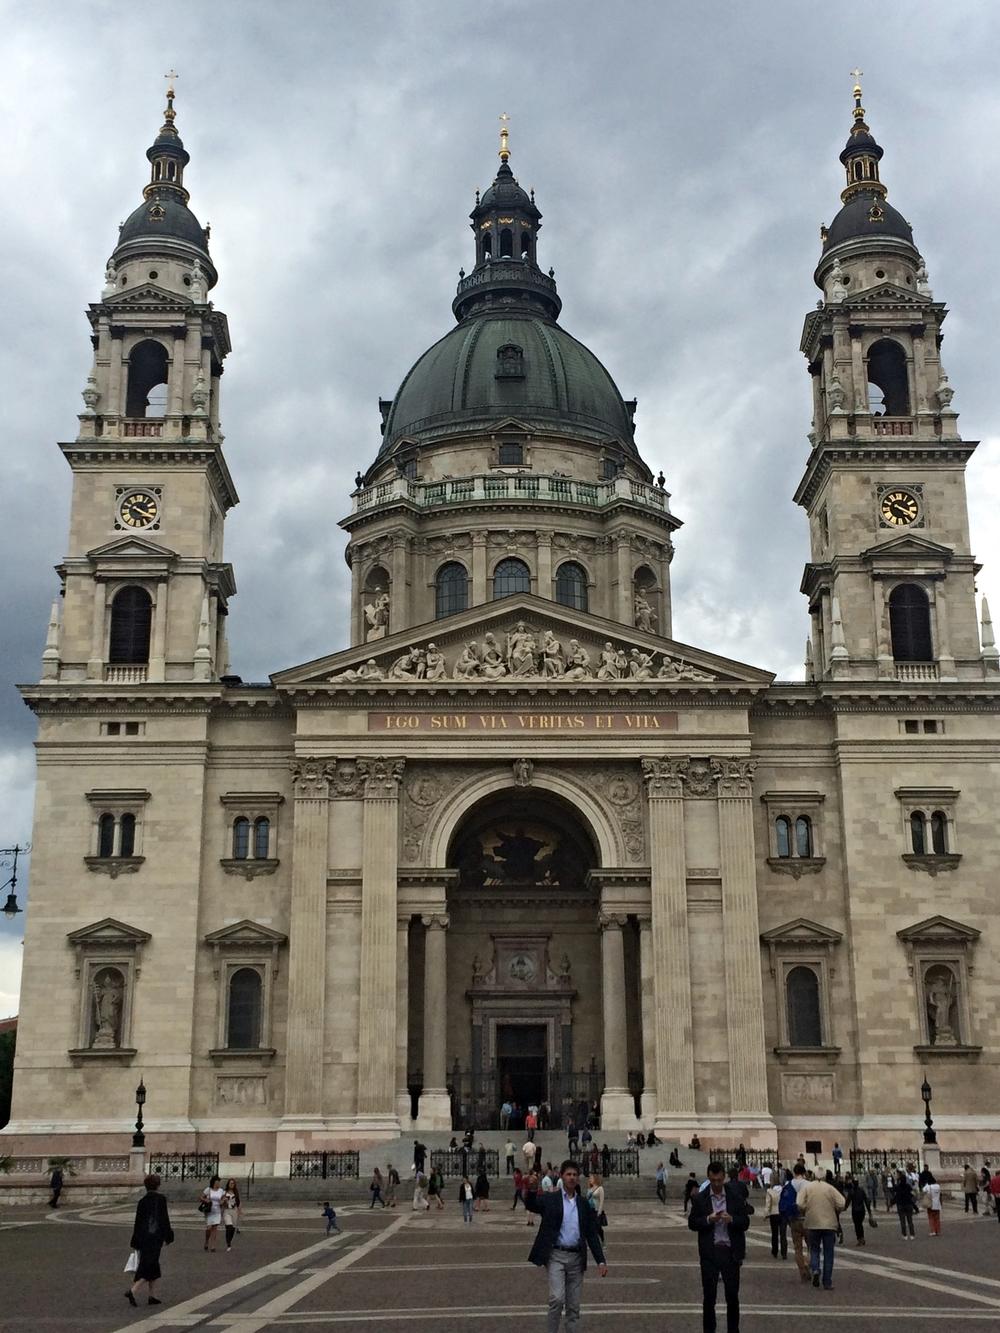 St. Istvan's impressive entry